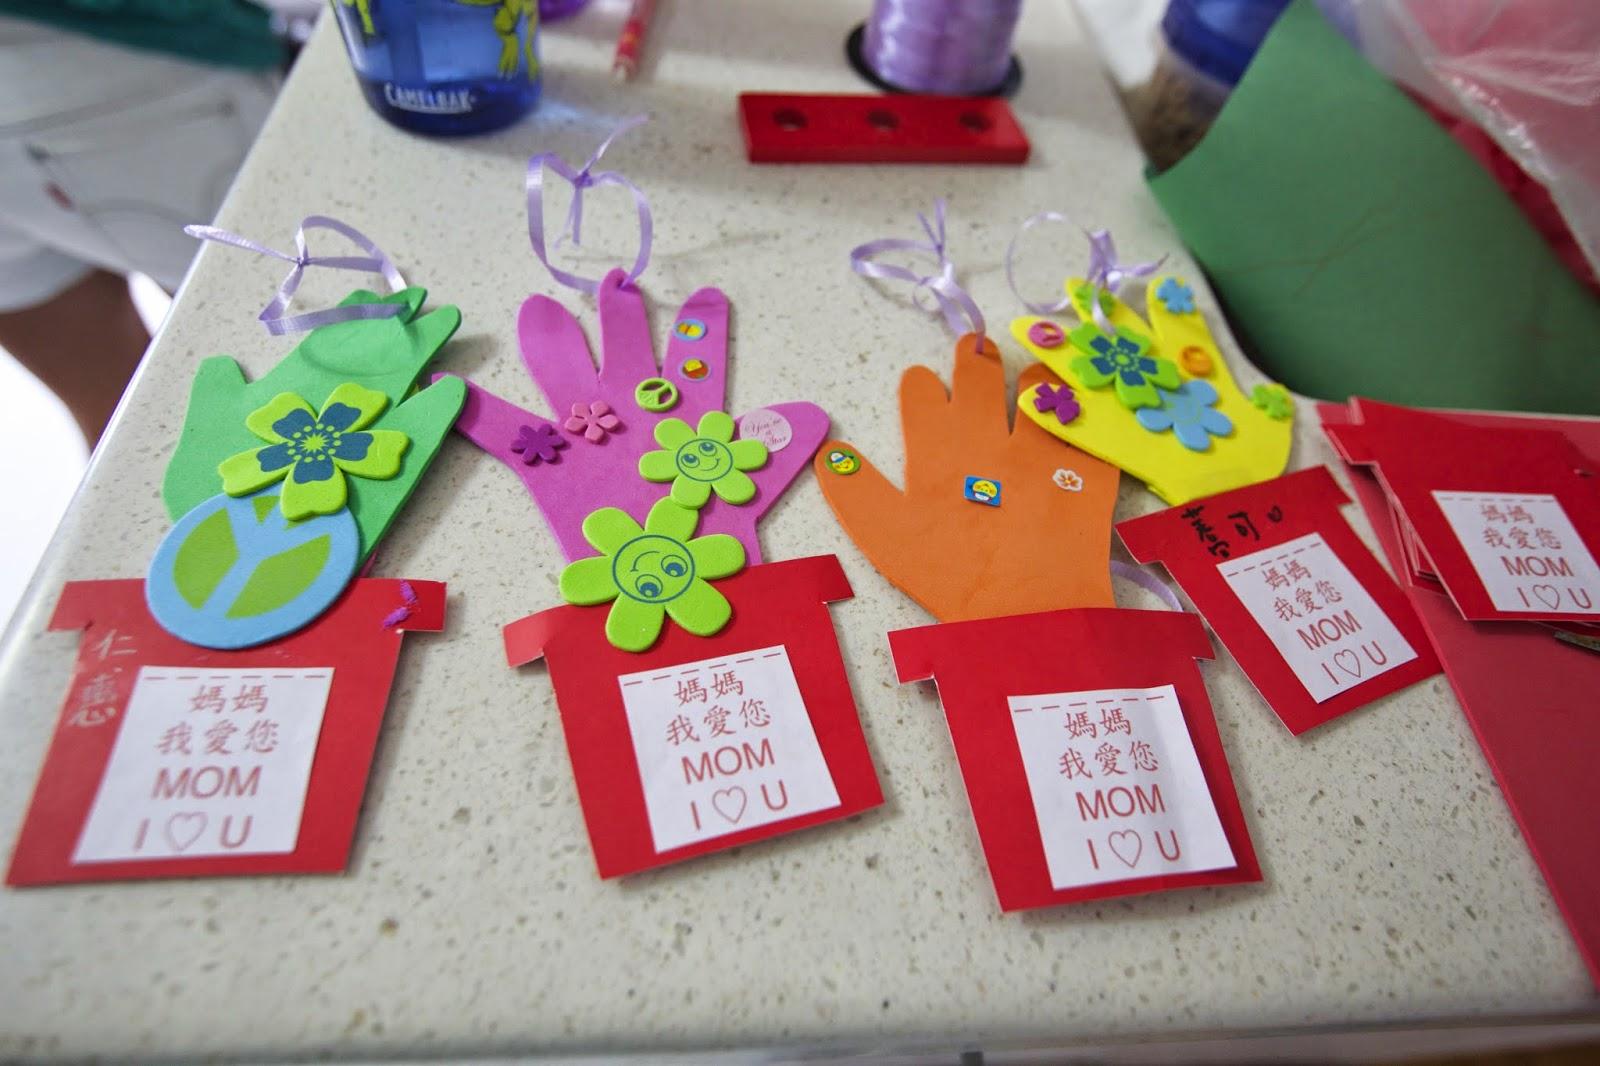 夏威夷雙可生活: 媽媽&幼兒DIY系列五♡母親節快樂!幼兒創意手工禮物 DIY Mother's Day Craft